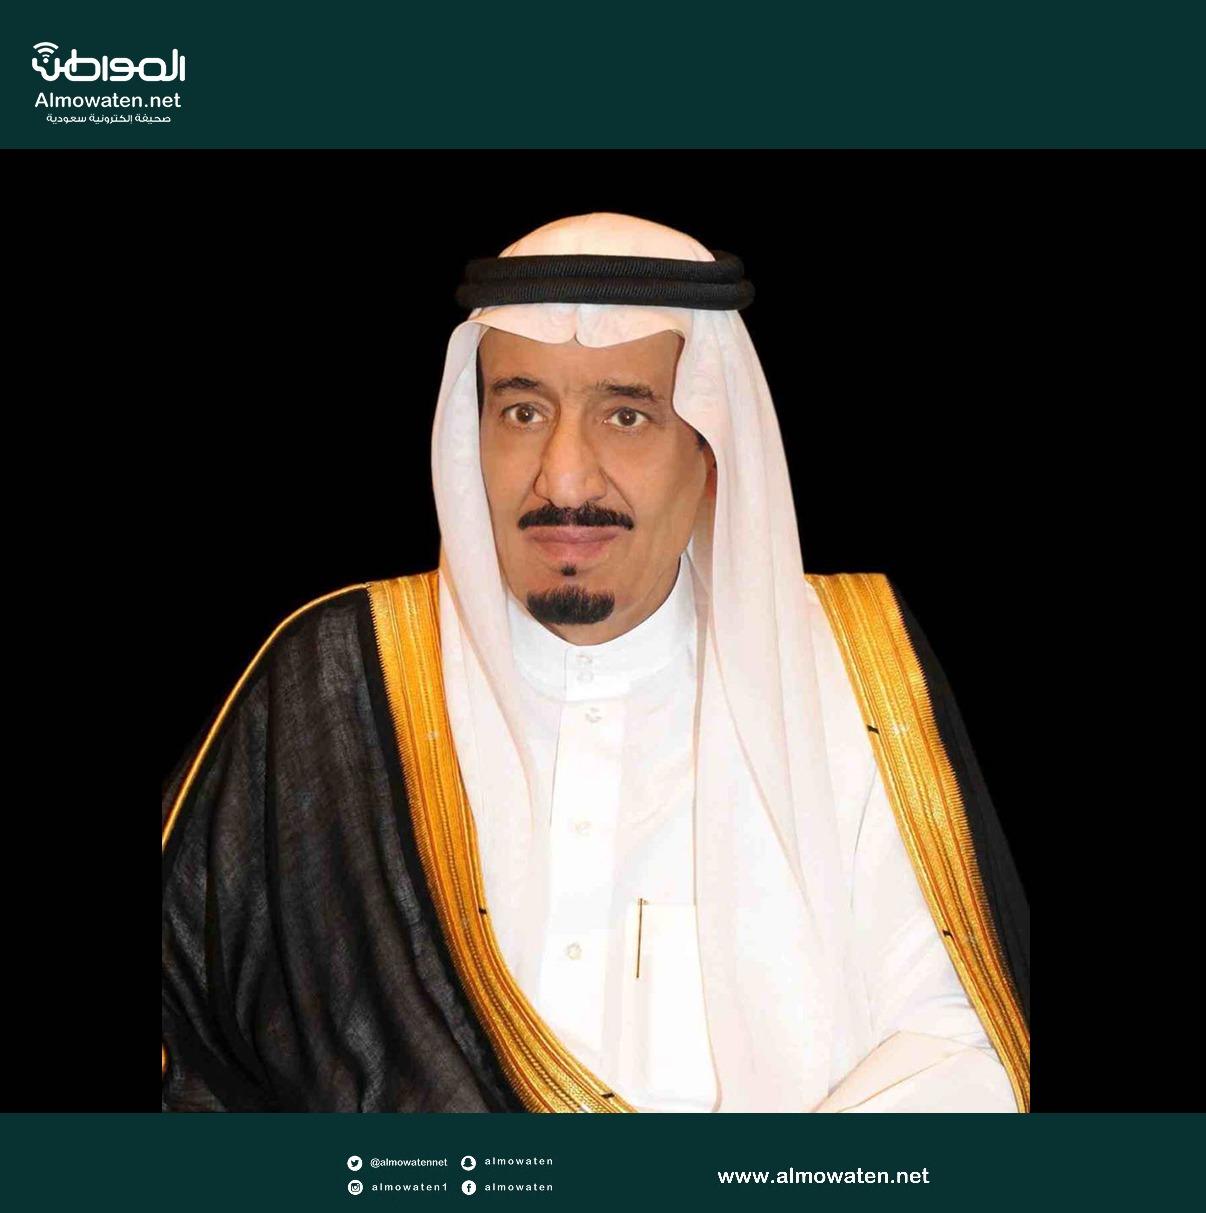 بموافقة الملك سلمان .. تعيين عددٍ من الأئمة والخطباء في الحرمين الشريفين